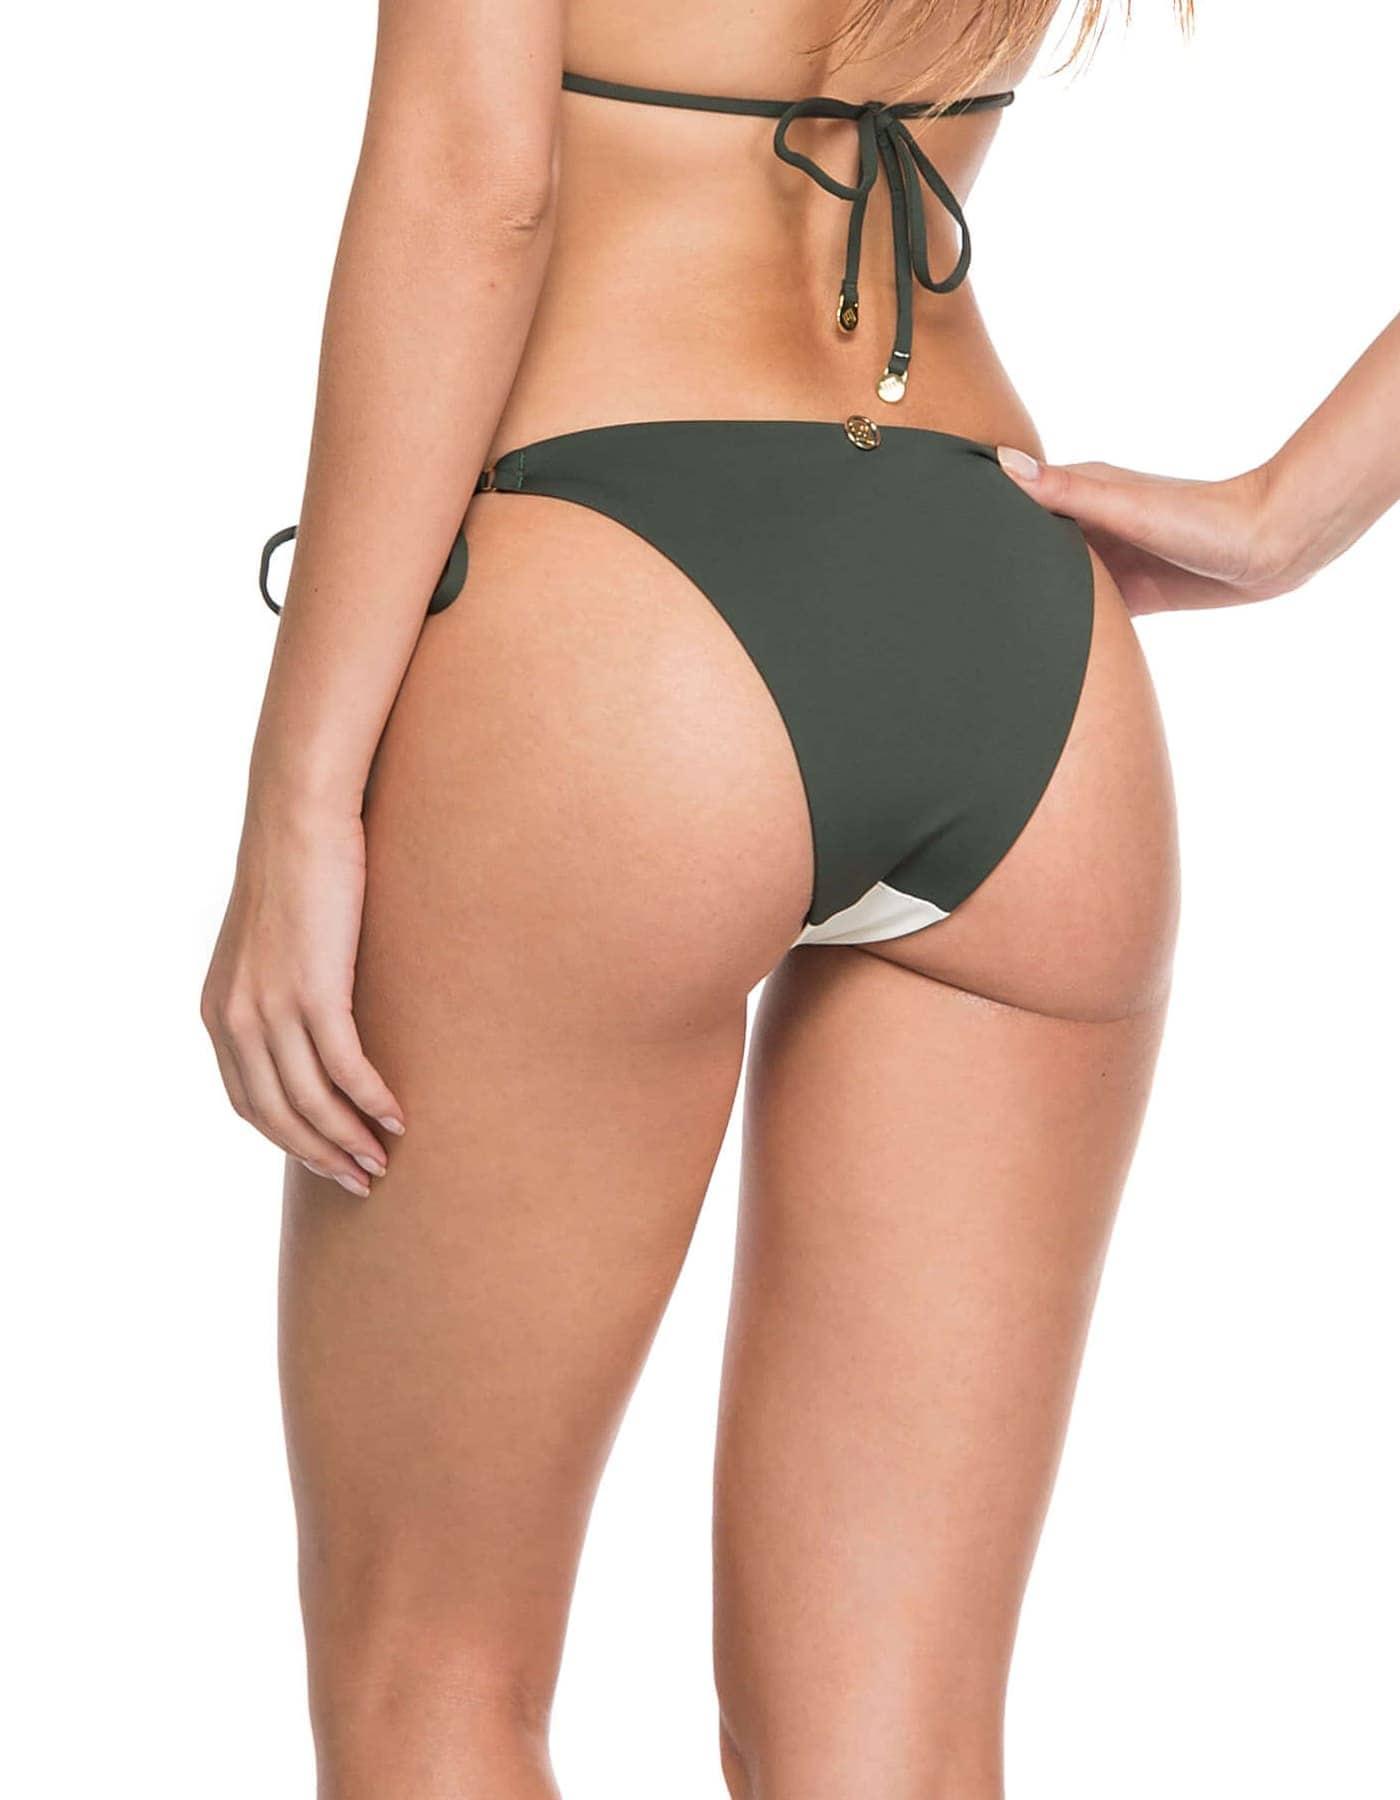 Bikini triángulo con dueto de telas y Oro + Braguita Bikini scrunch reversible con dueto de telas y Oro | Duo I